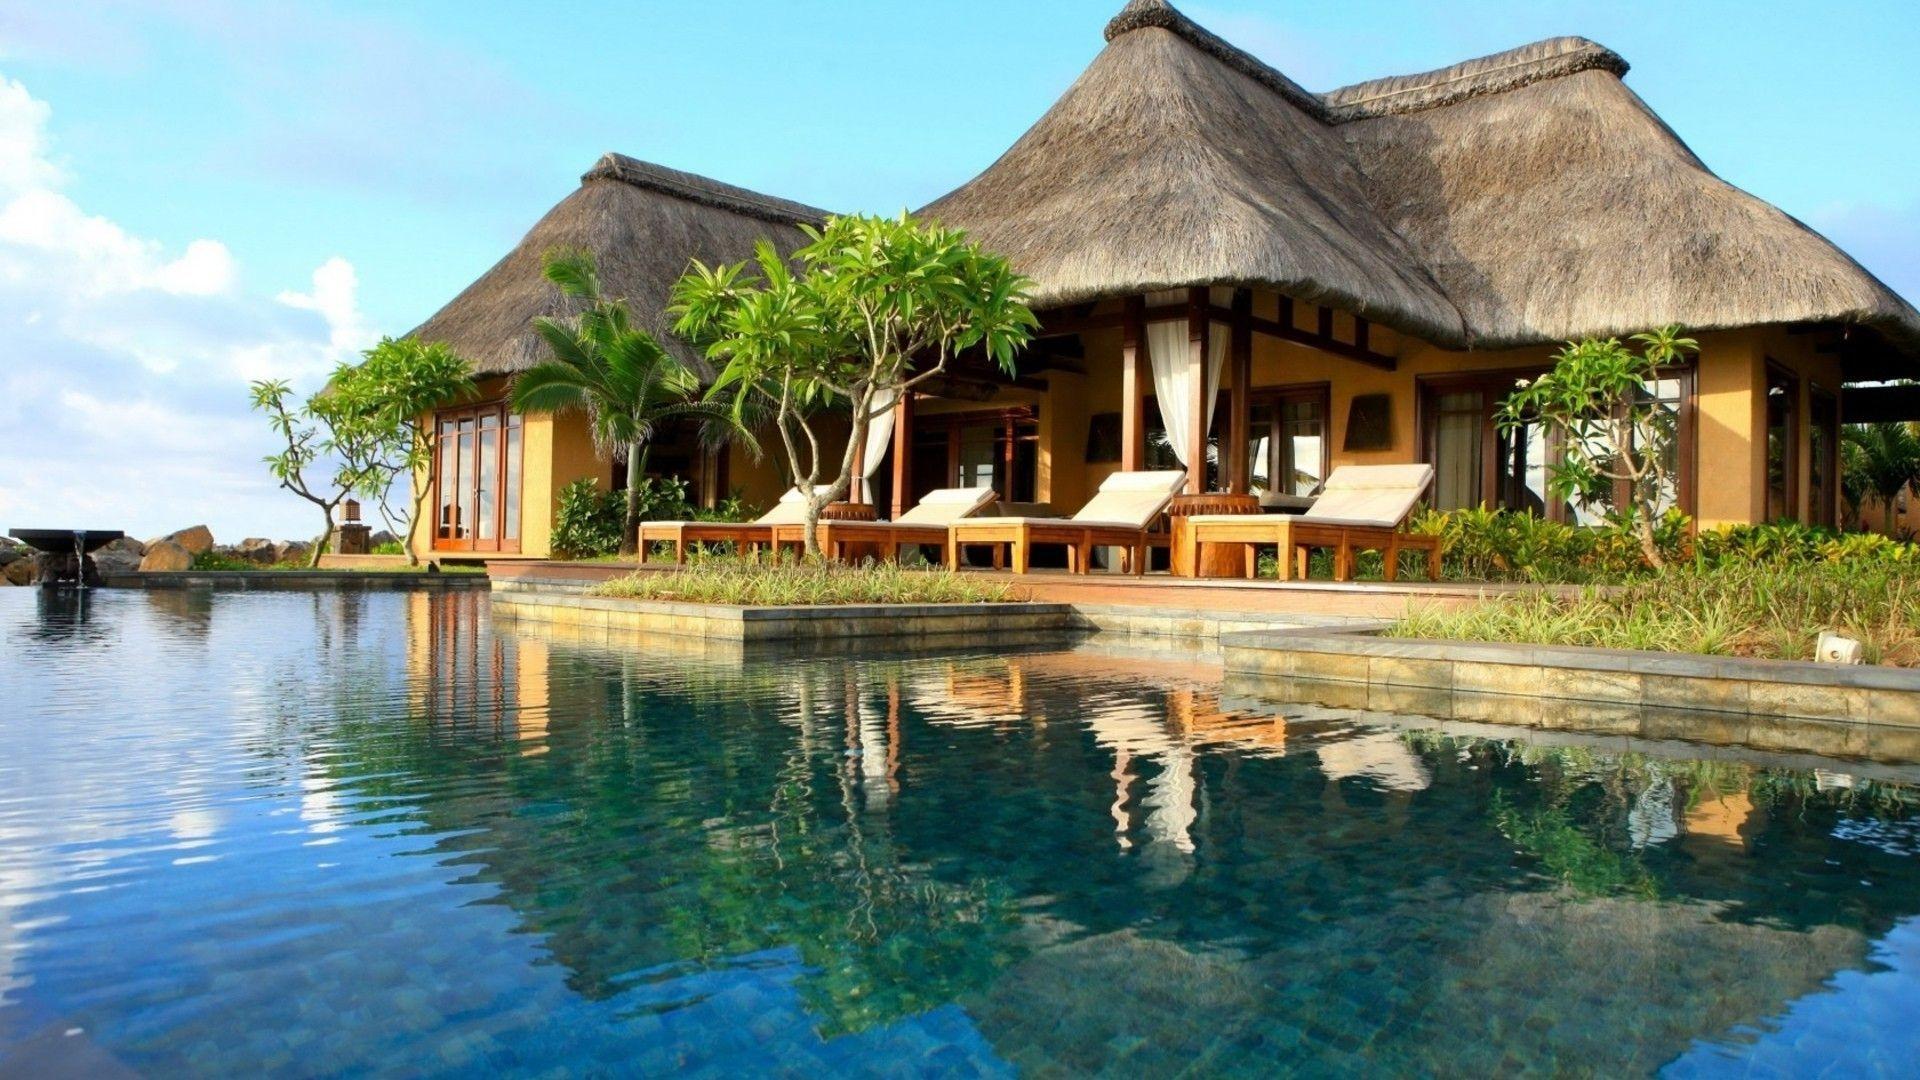 Tropical resort wallpaper #17417